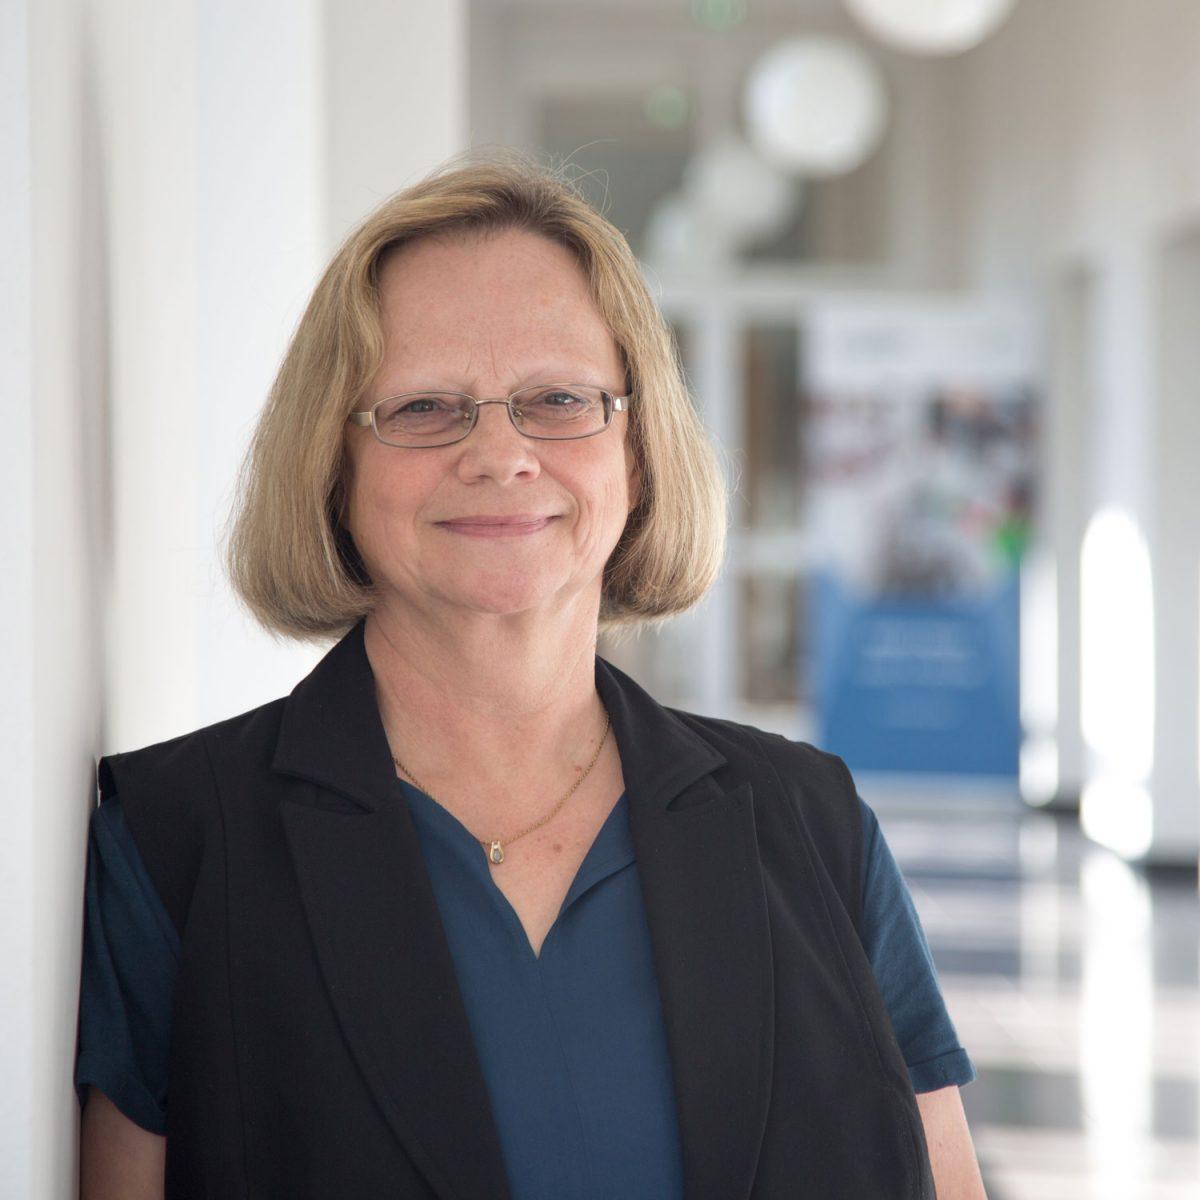 Dr. Susanne Engmann